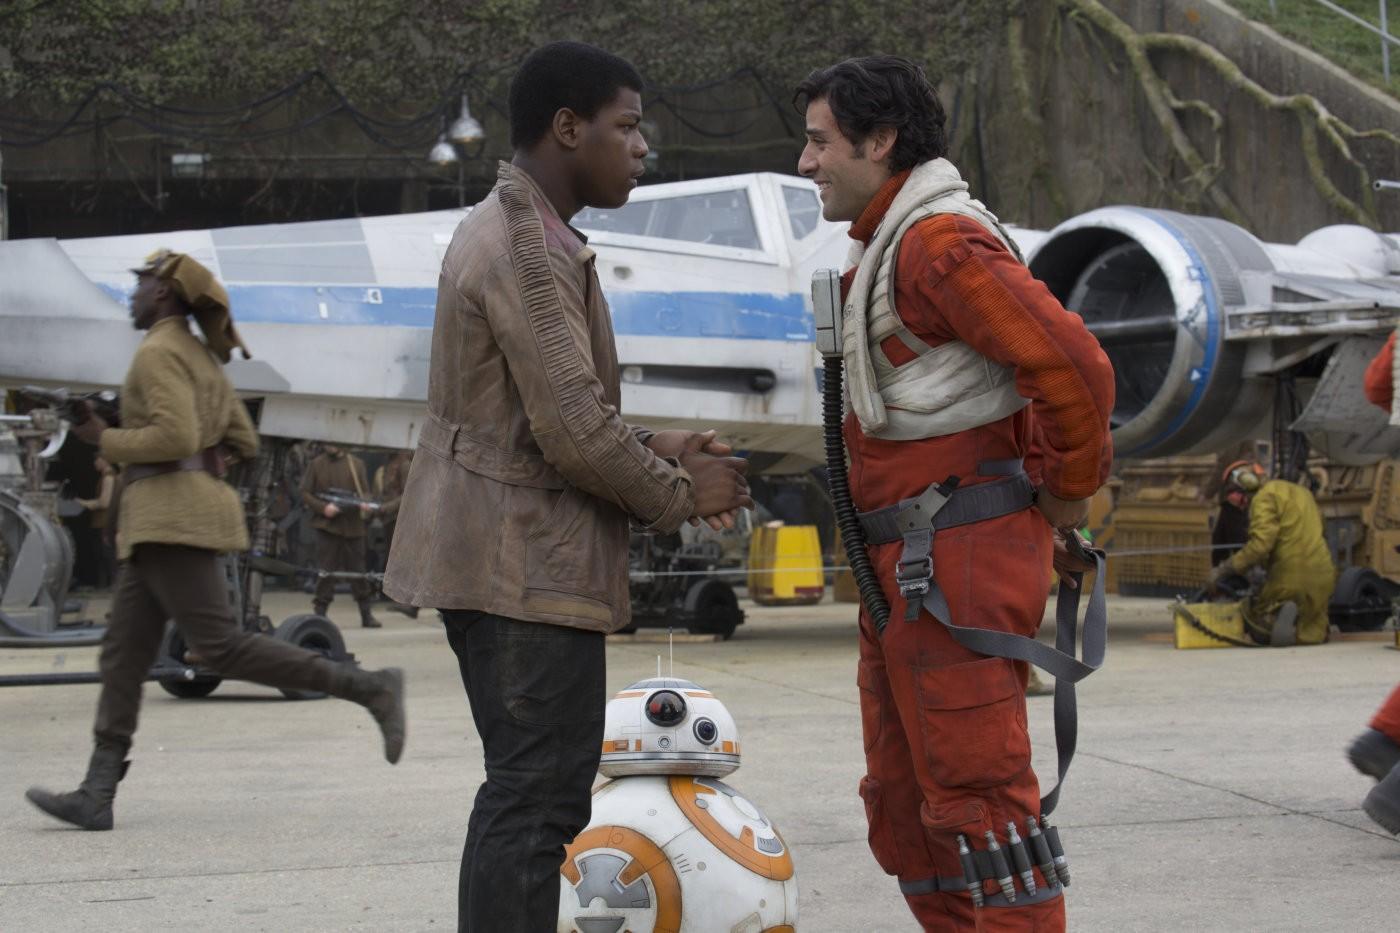 Finn e Poe Dameron em O Despertar da Força (Foto: Divulgação)